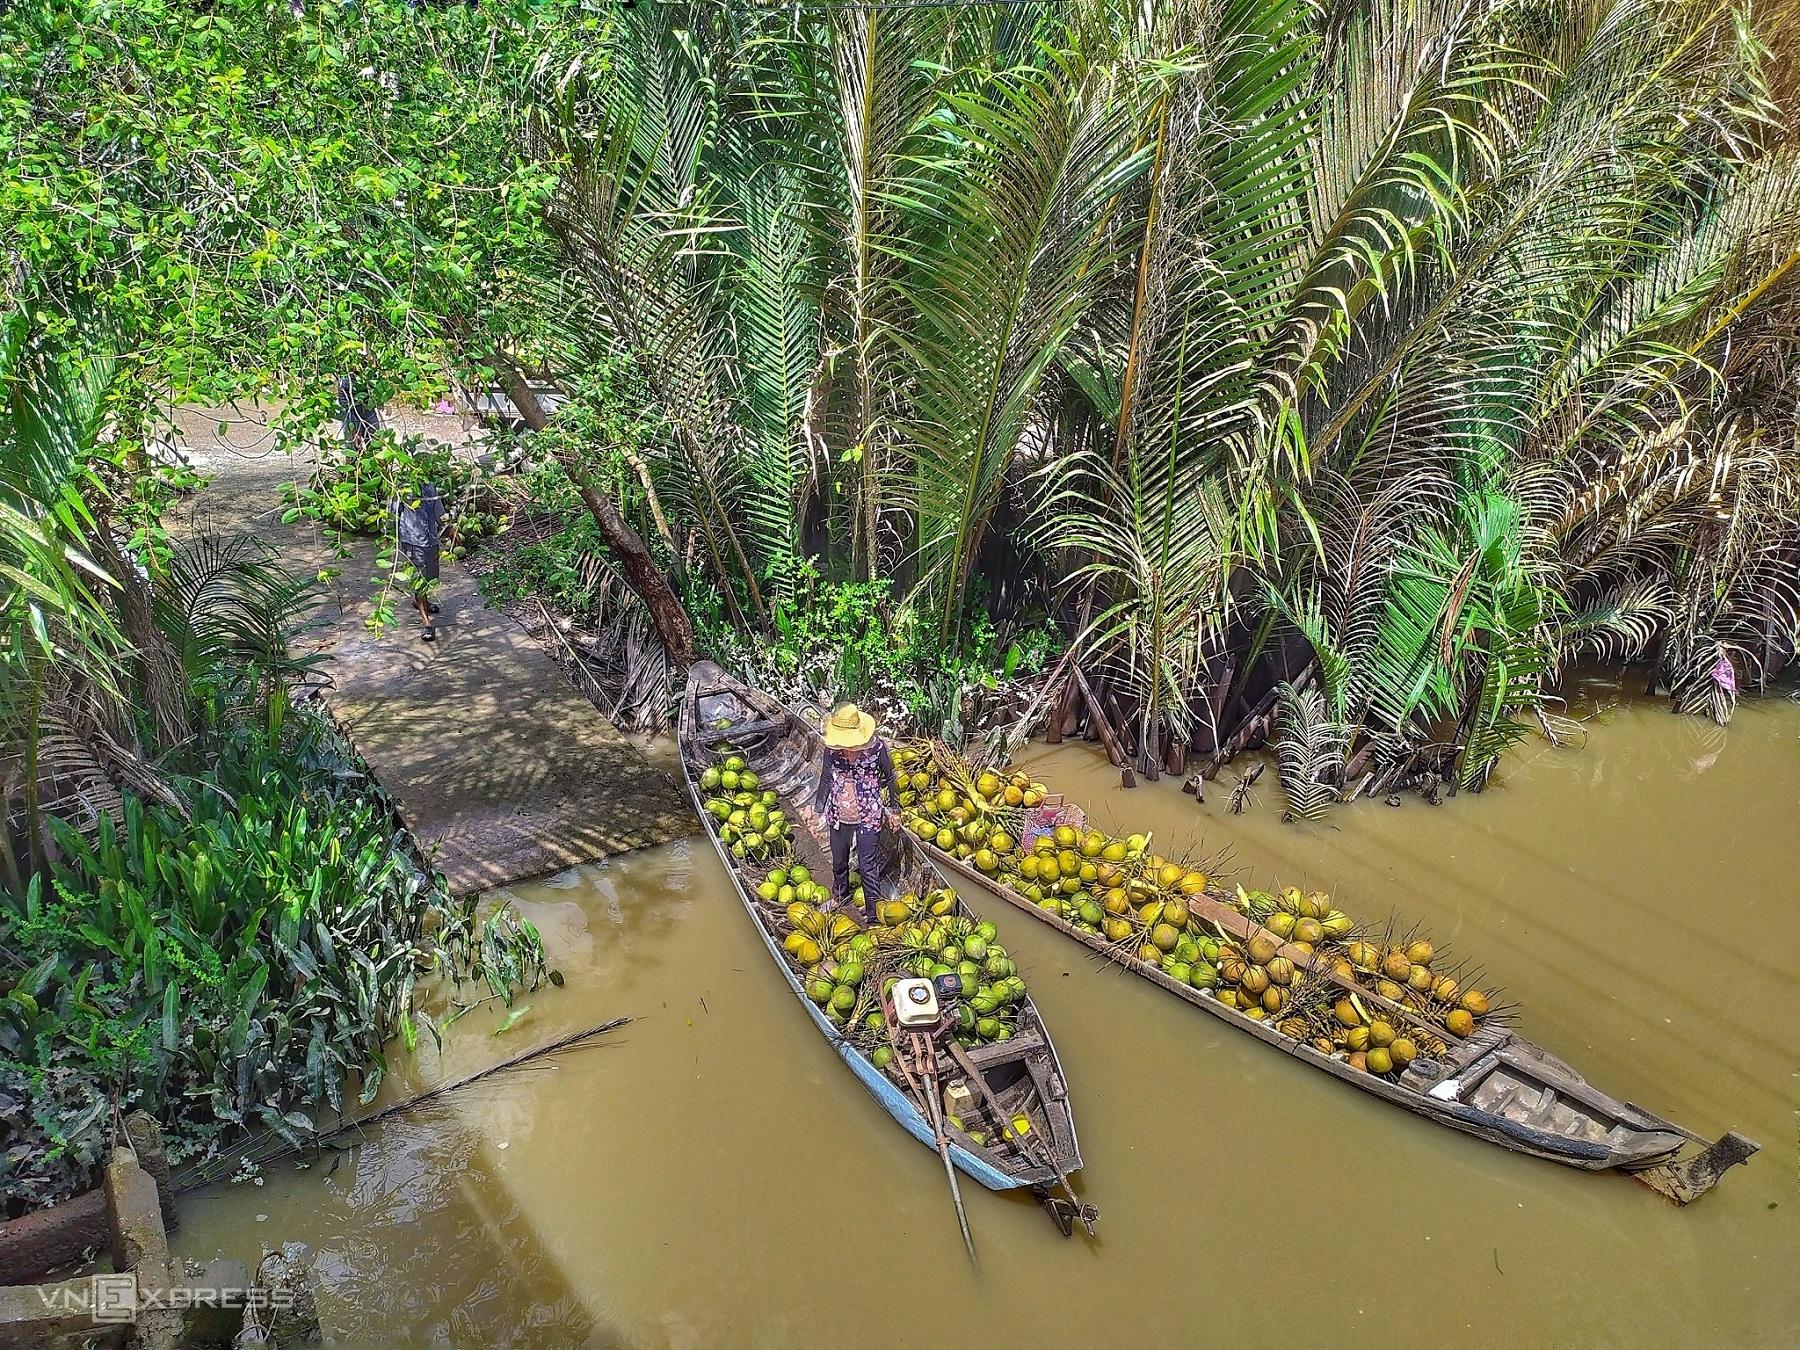 Thương lái lái ghe đến tận hộ gia đình hái và thu mua các buồng dừa tươi tại ấp Đông Ngô, xã Bình Hòa, Giồng Trôm.   Bến Tre được xem là thủ phủ dừa xanh với hơn 72.000 ha vườn dừa, trong đó huyện Giồng Trôm hơn 17.000 ha. Sản lượng dừa Bến Tre nhiều nhất cả nước, đạt gần 800 triệu trái/năm. Tận dụng ưu thế này nên Bến Tre đang xây dựng sản phẩm, hình ảnh gắn với cây dừa, là giá trị nổi bật để khai thác du lịch sinh thái sông nước xứ dừa.